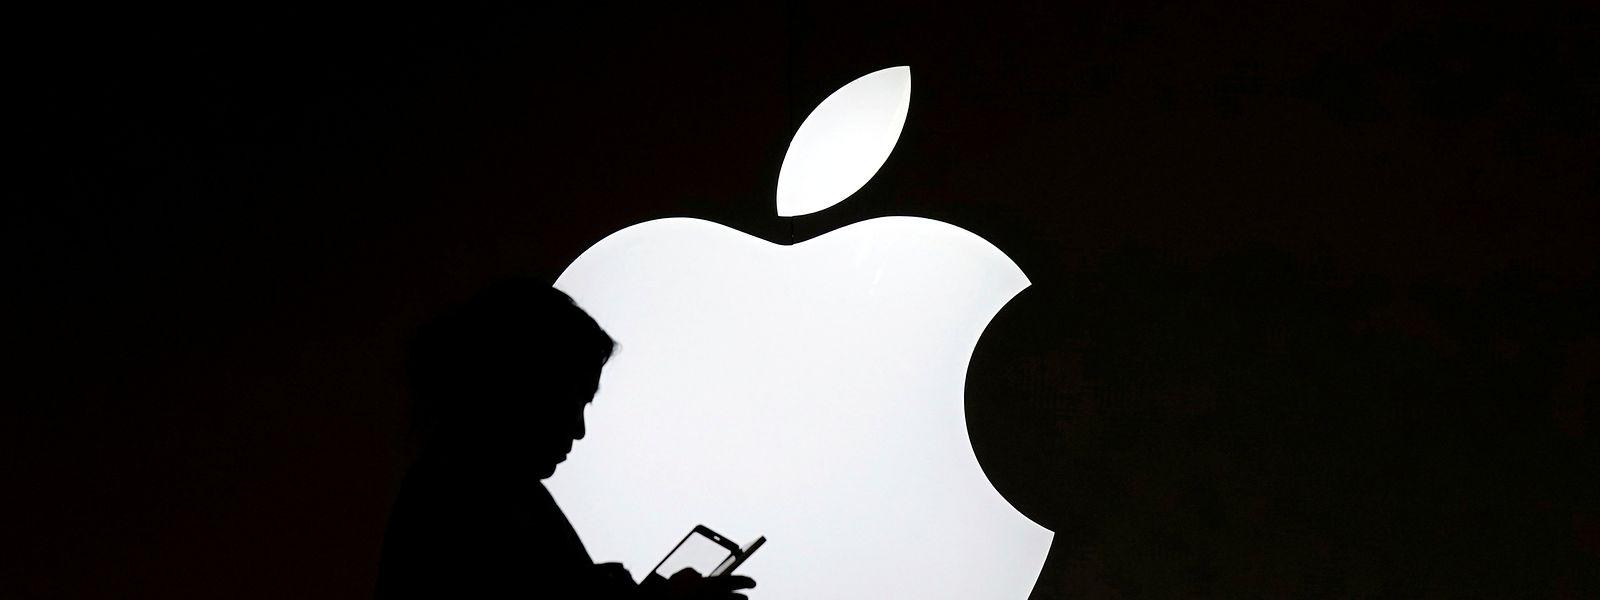 Apple wird keine VPN-Tunnels mehr in China vertreiben.